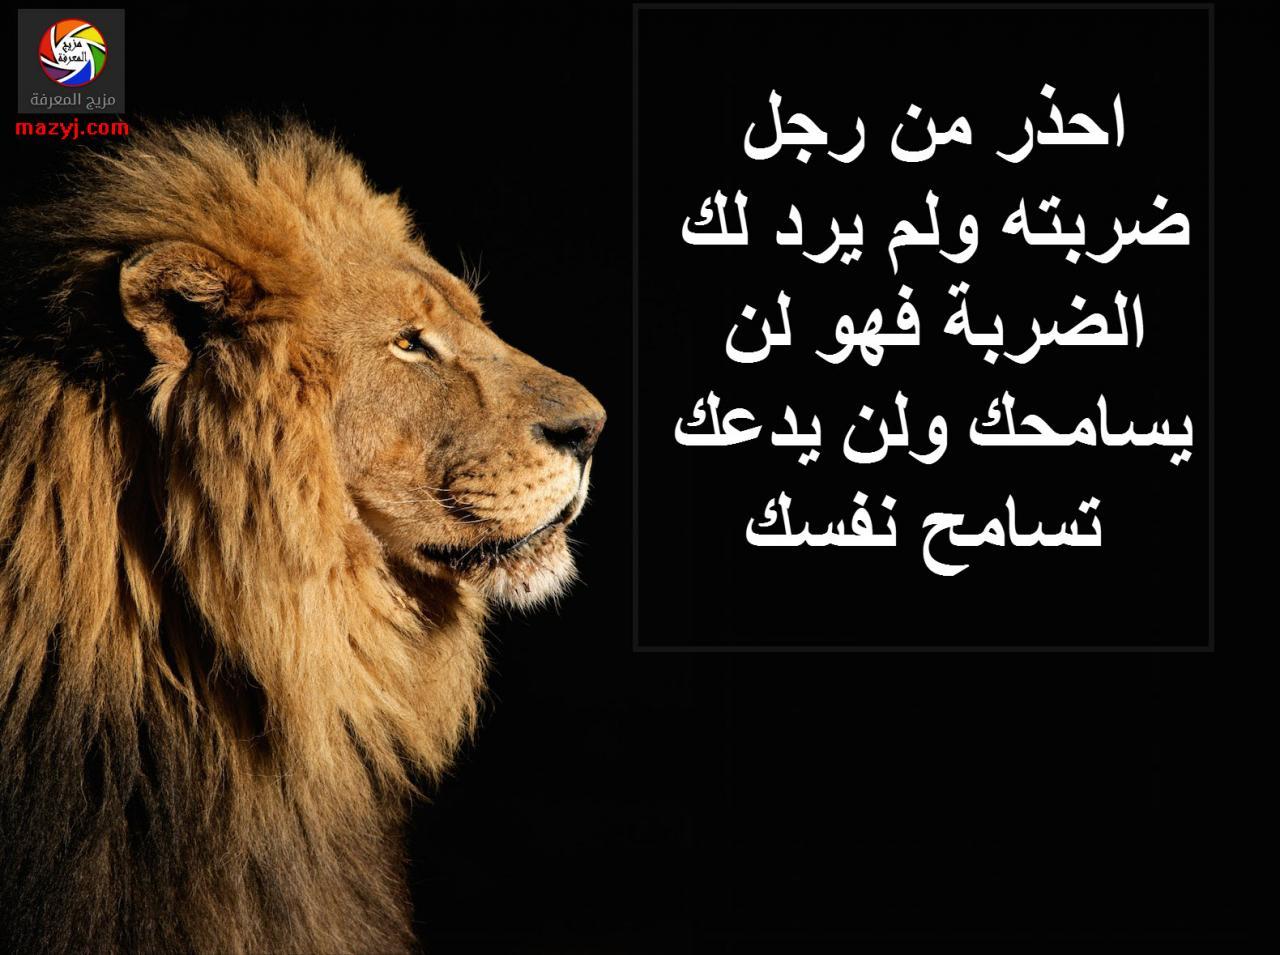 صورة شعر عن الاسد , كلمات جميله عن شجاعة الاسد